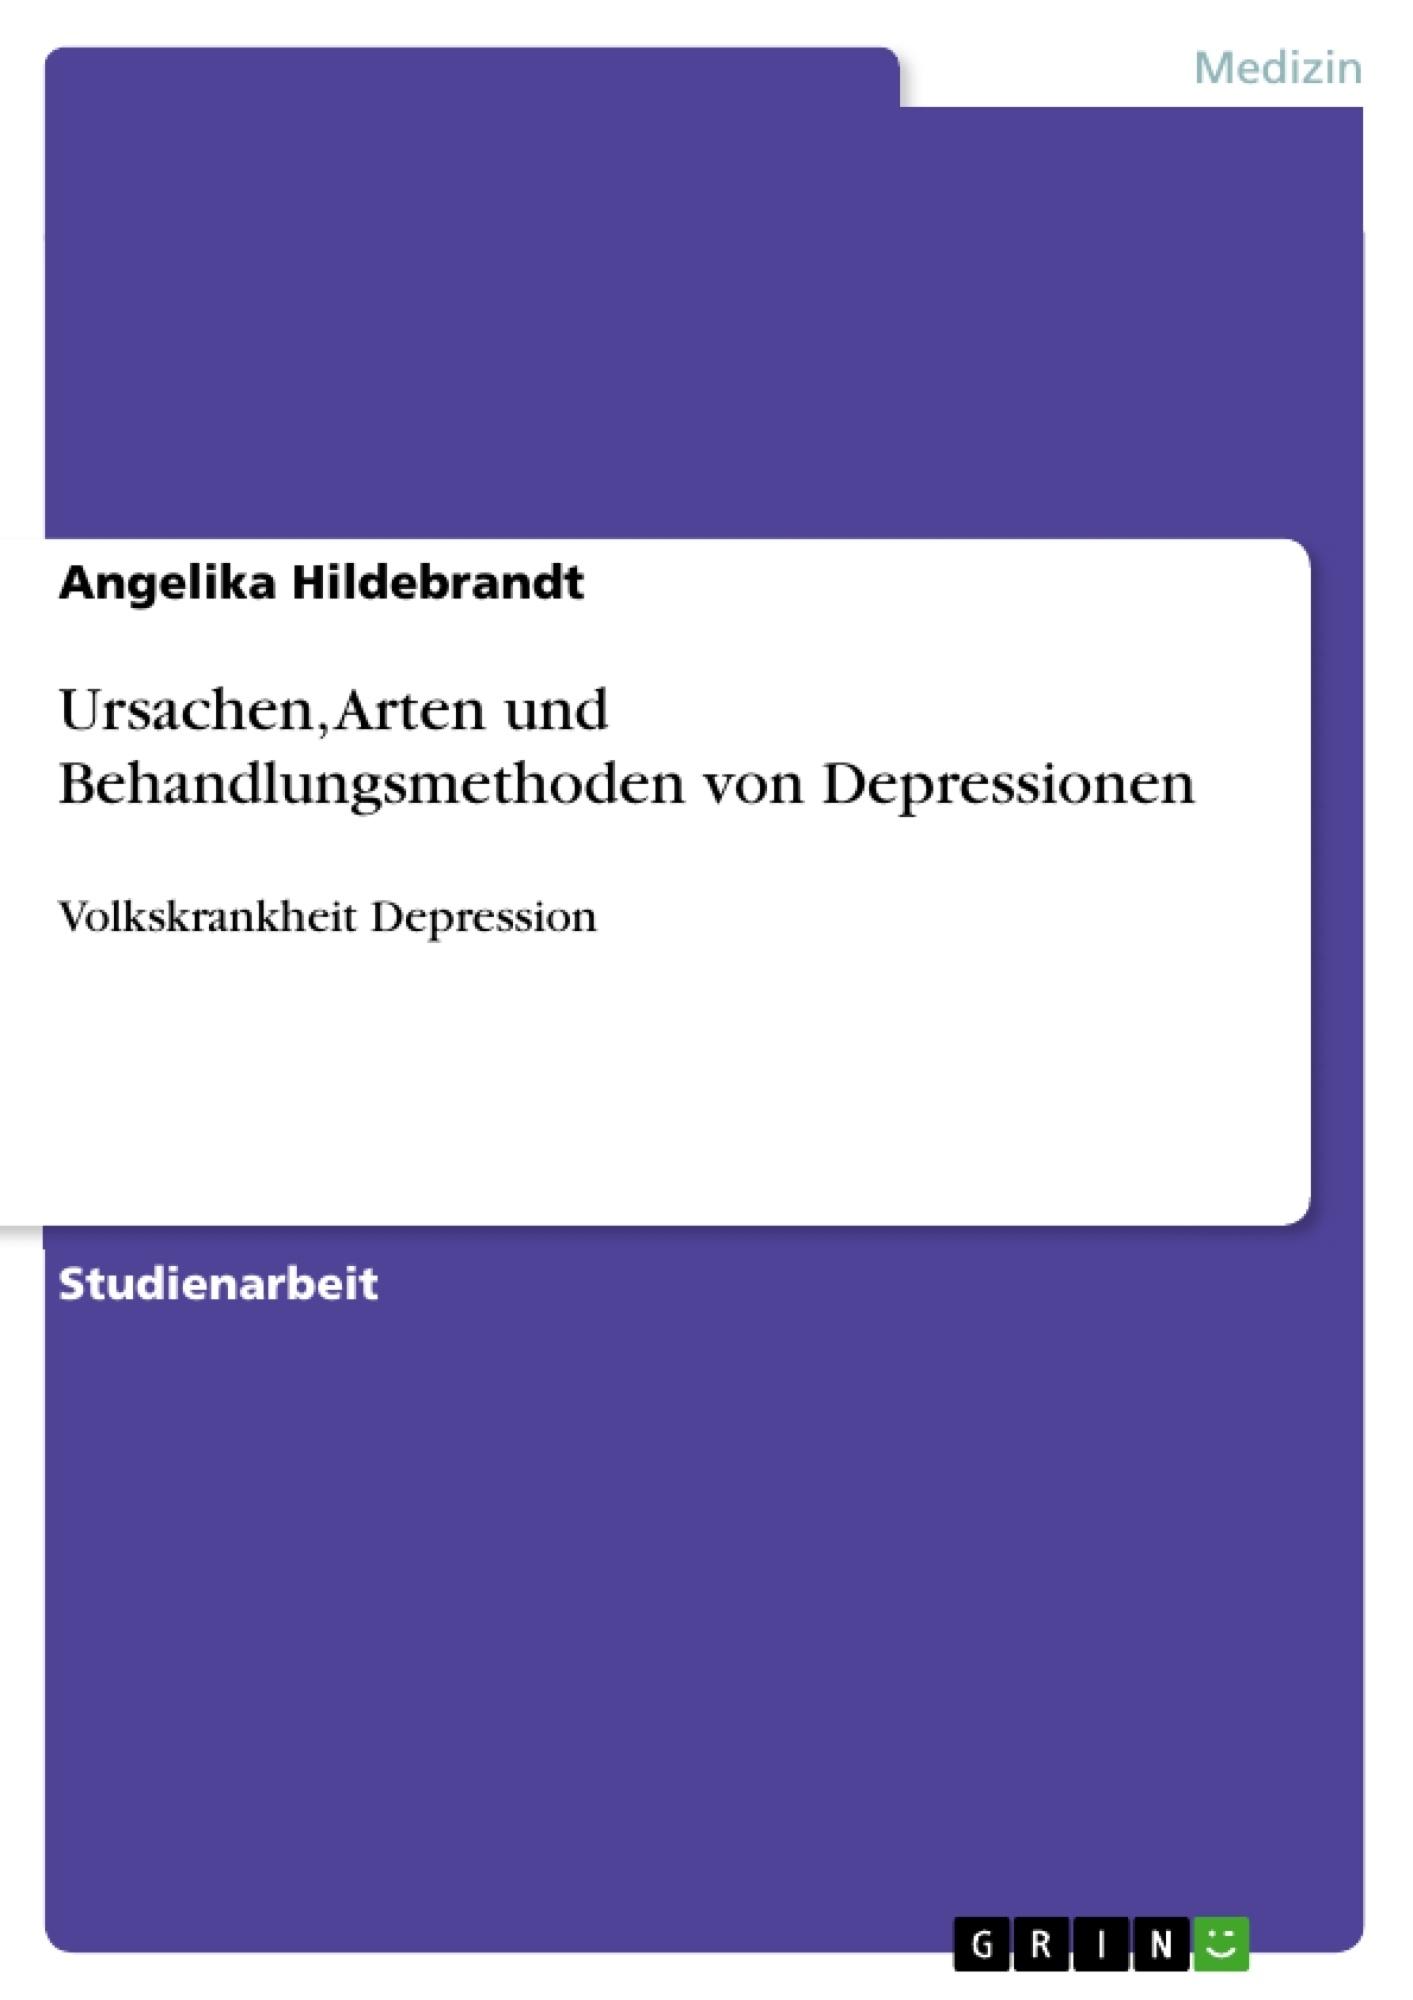 Titel: Ursachen, Arten und Behandlungsmethoden von Depressionen